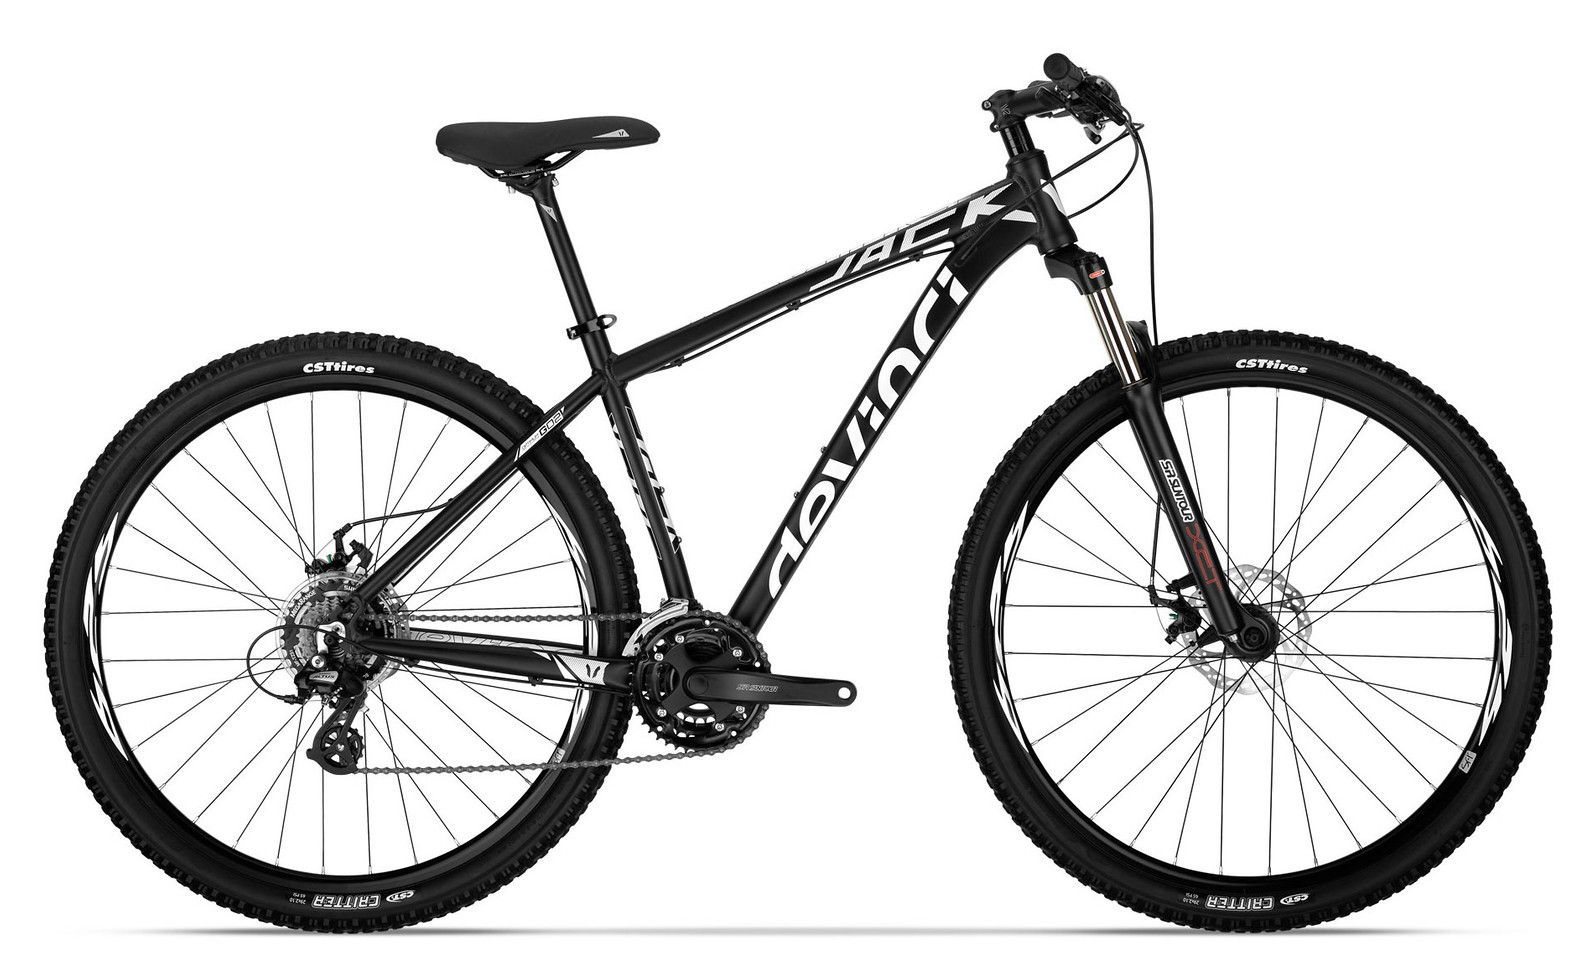 Bike - 2014 Devinci Jack S